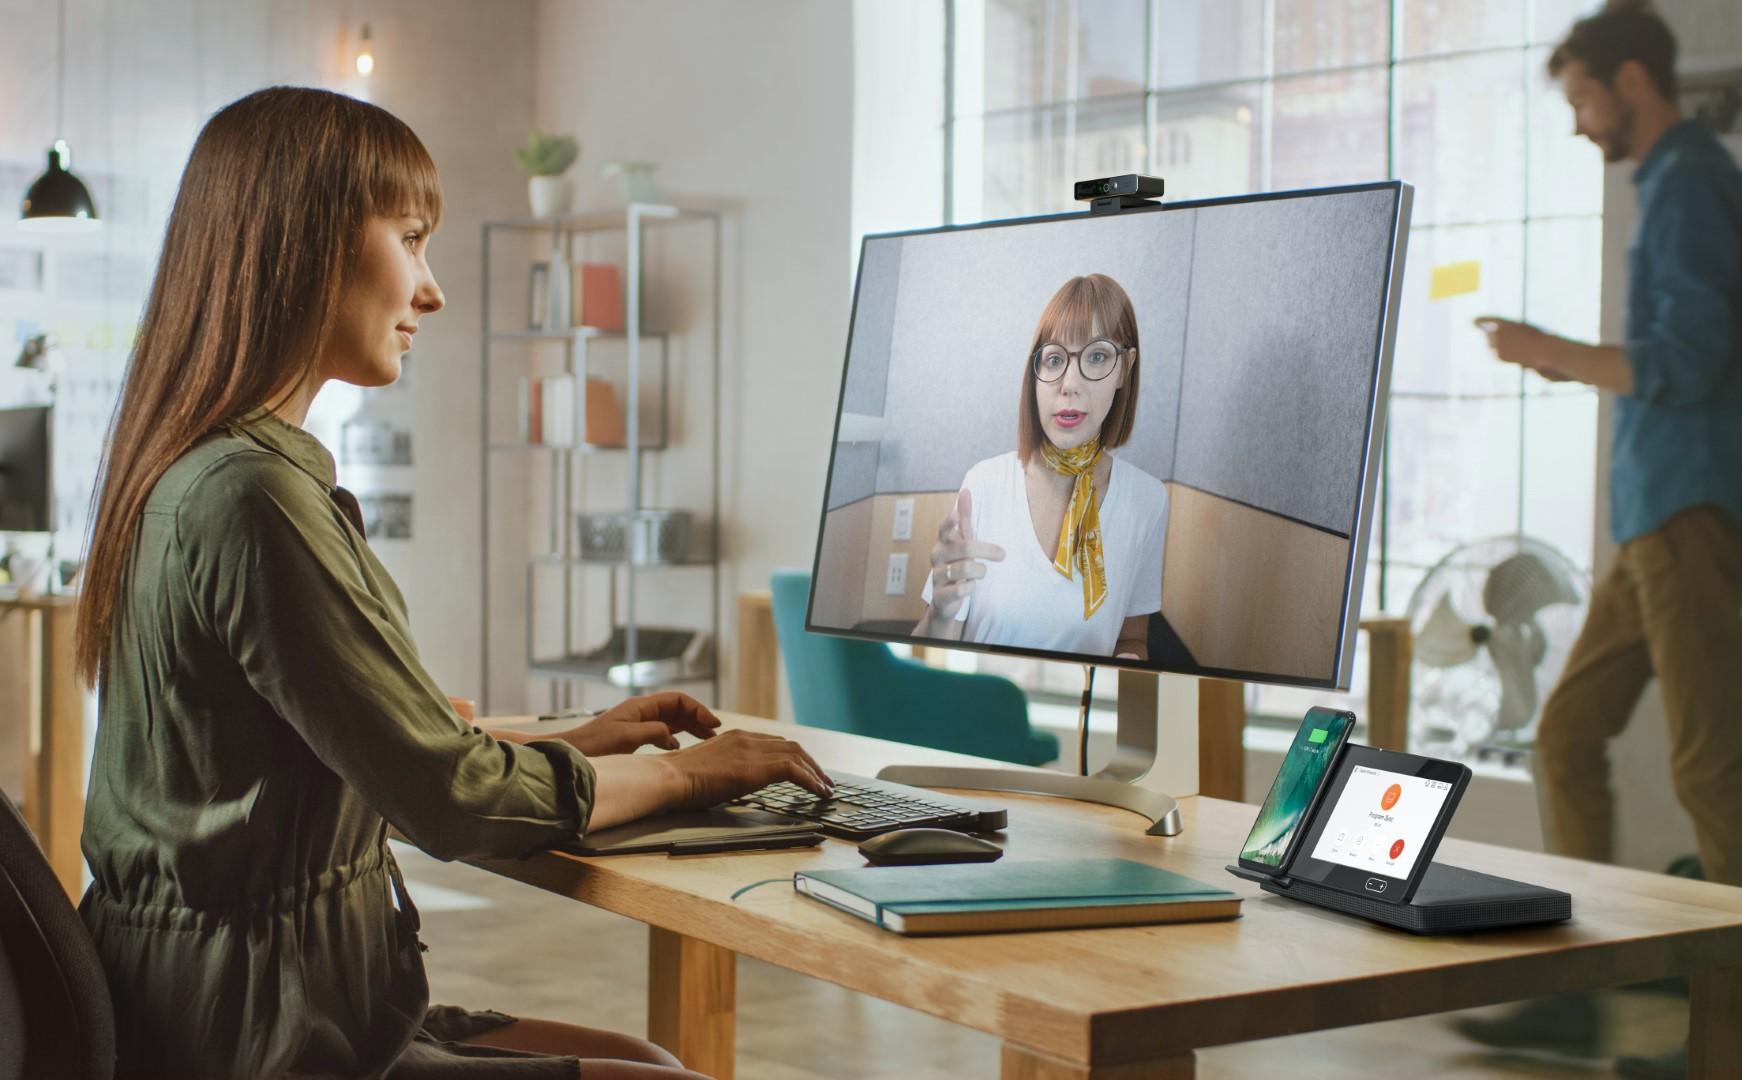 Cisco anunță o serie de inovații care revoluționează modul de lucru hibrid prin introducerea Inteligenței Artificiale în toate soluțiile Webex